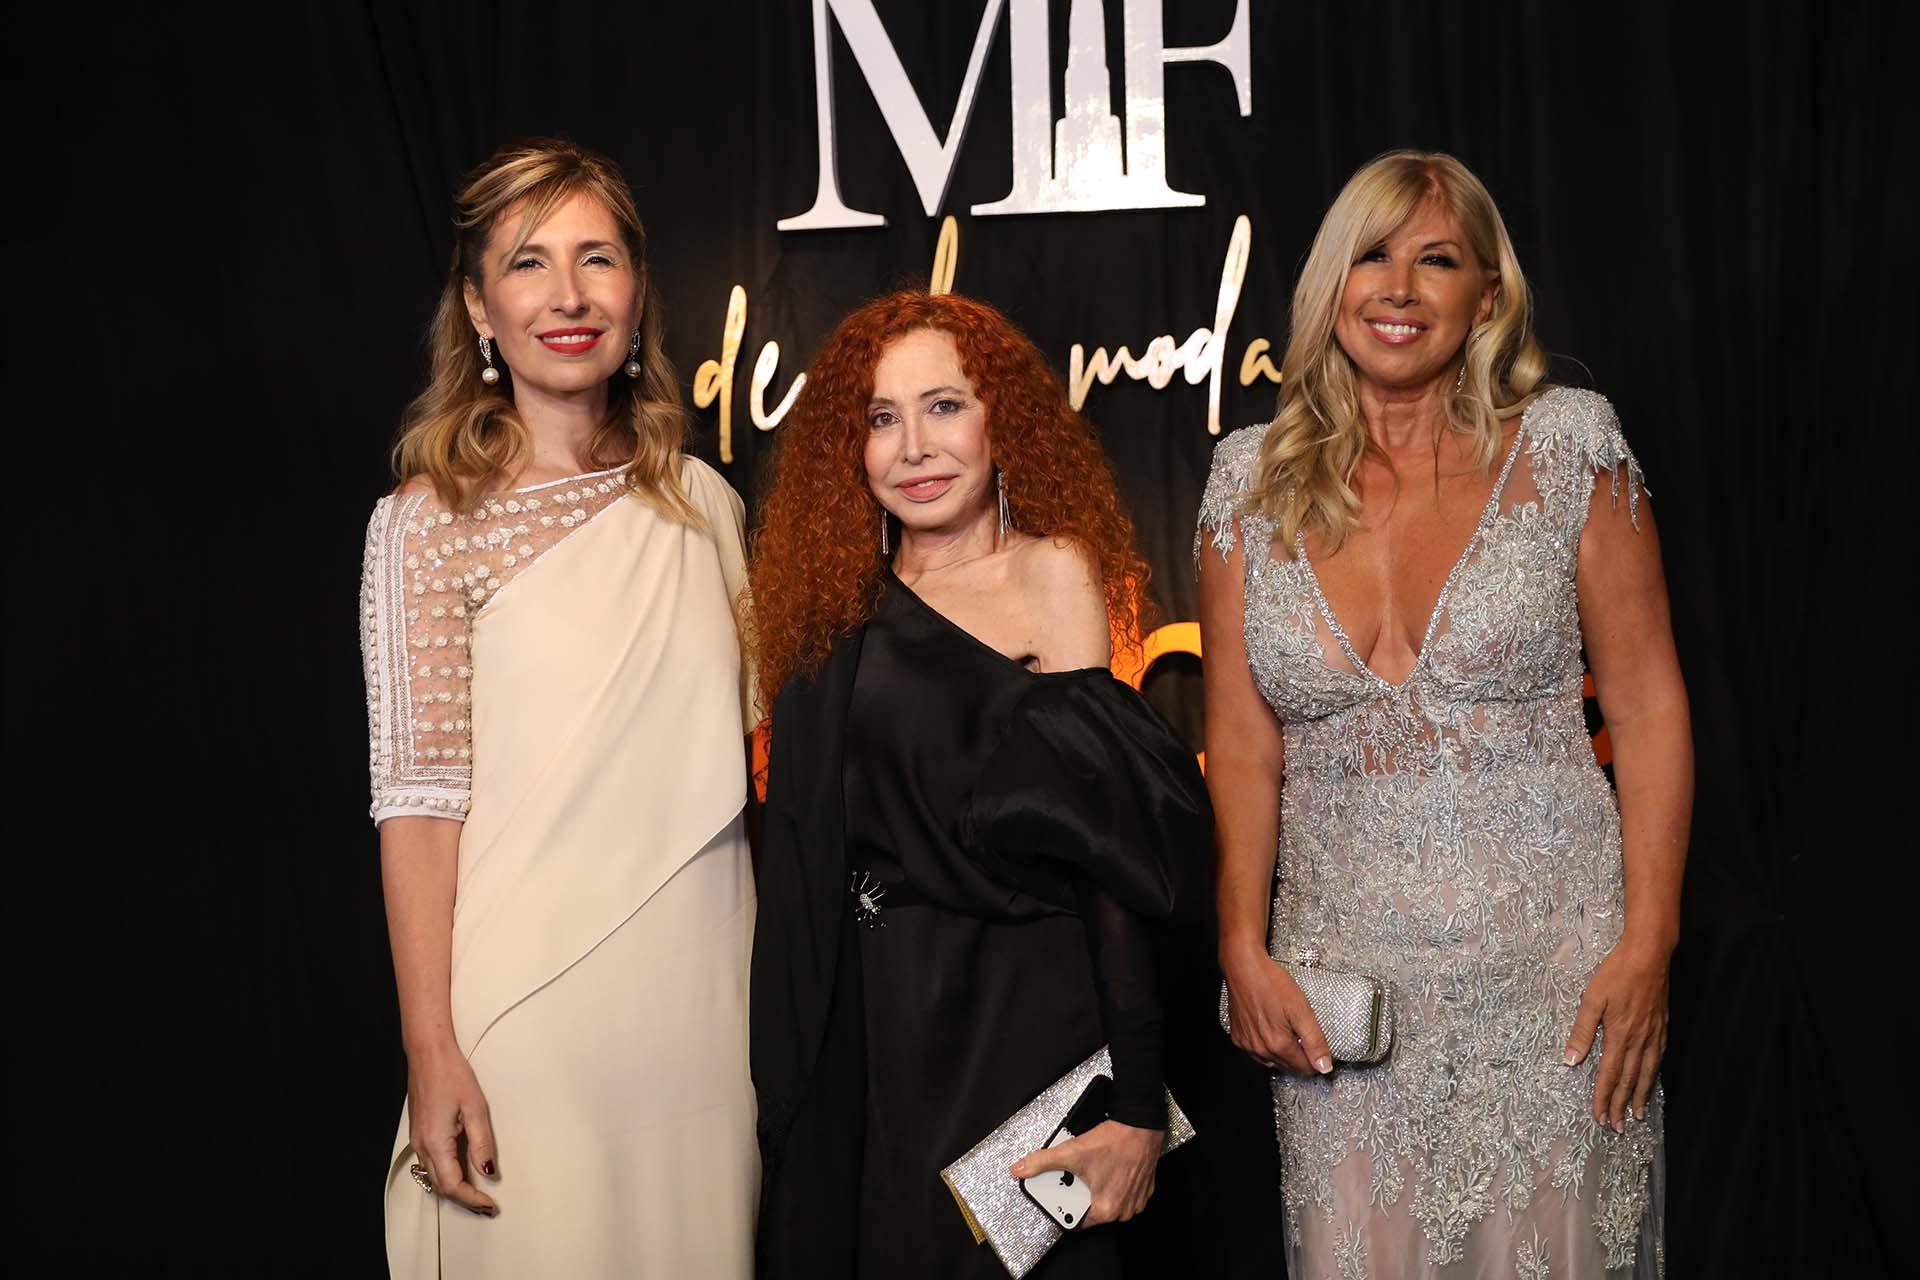 Flavia Fernández, miembro de APTRA lució un Valentino estilo vintage y zapatos de Gucci junto a las diseñadoras Dinar y Arce